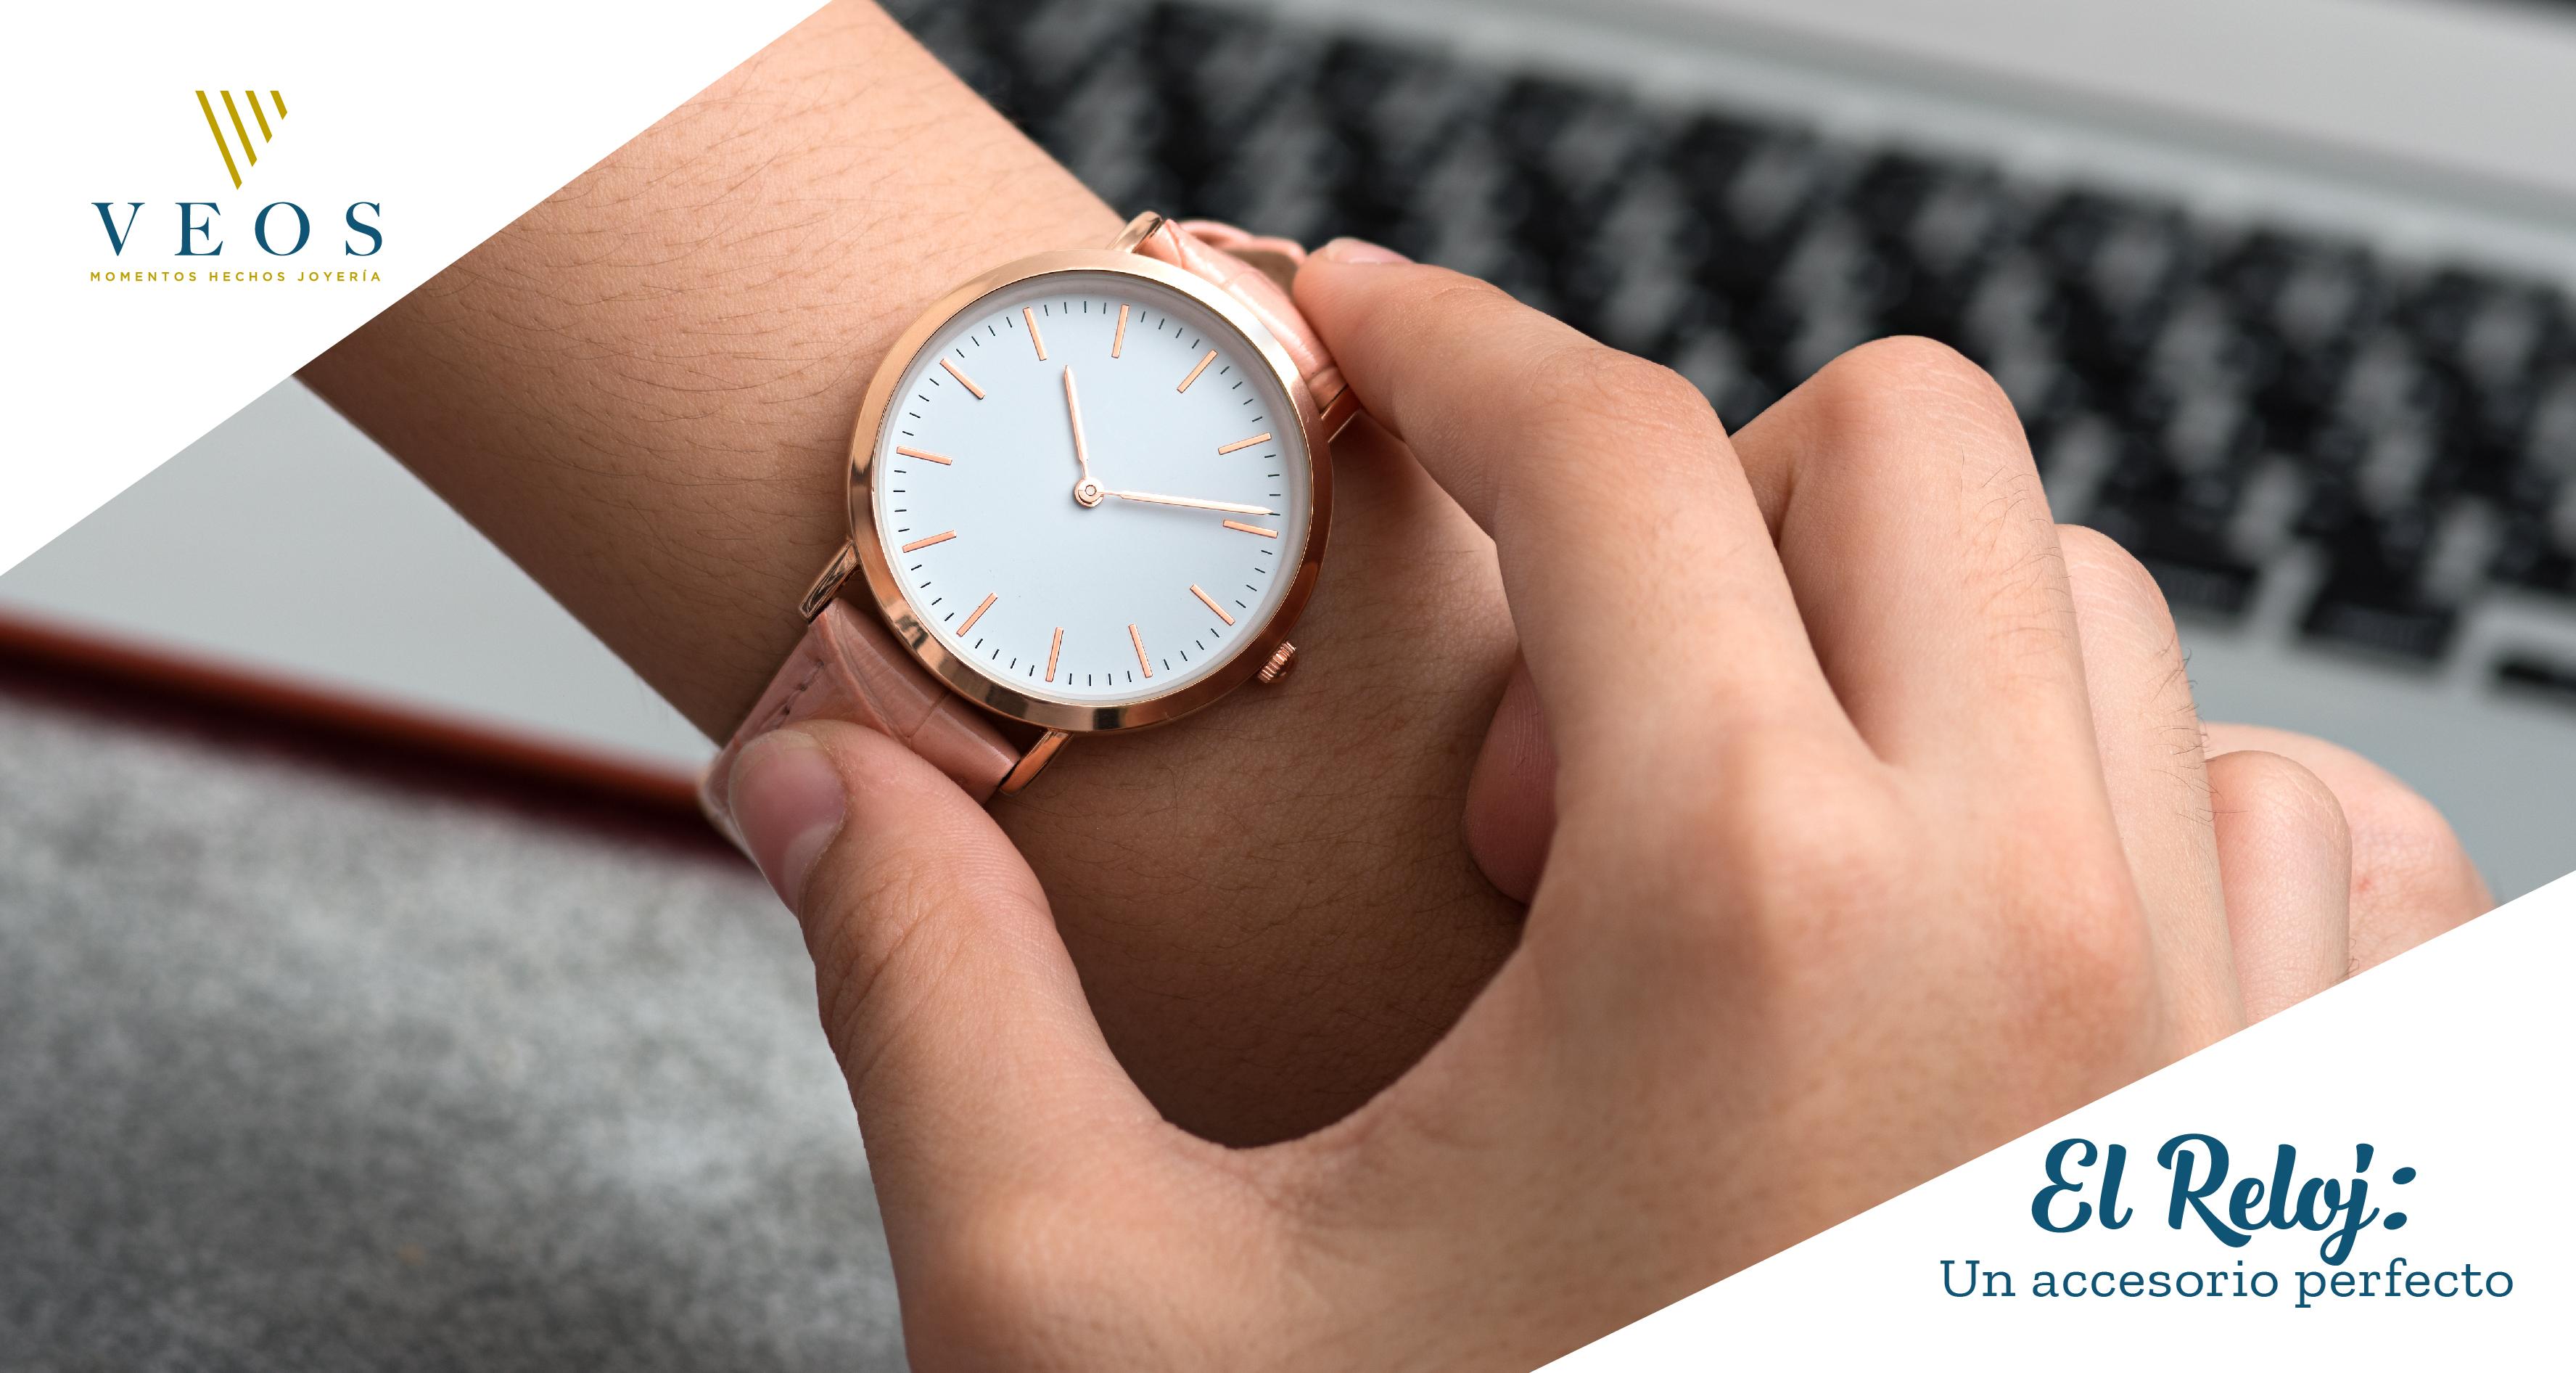 El reloj: un accesorio perfecto